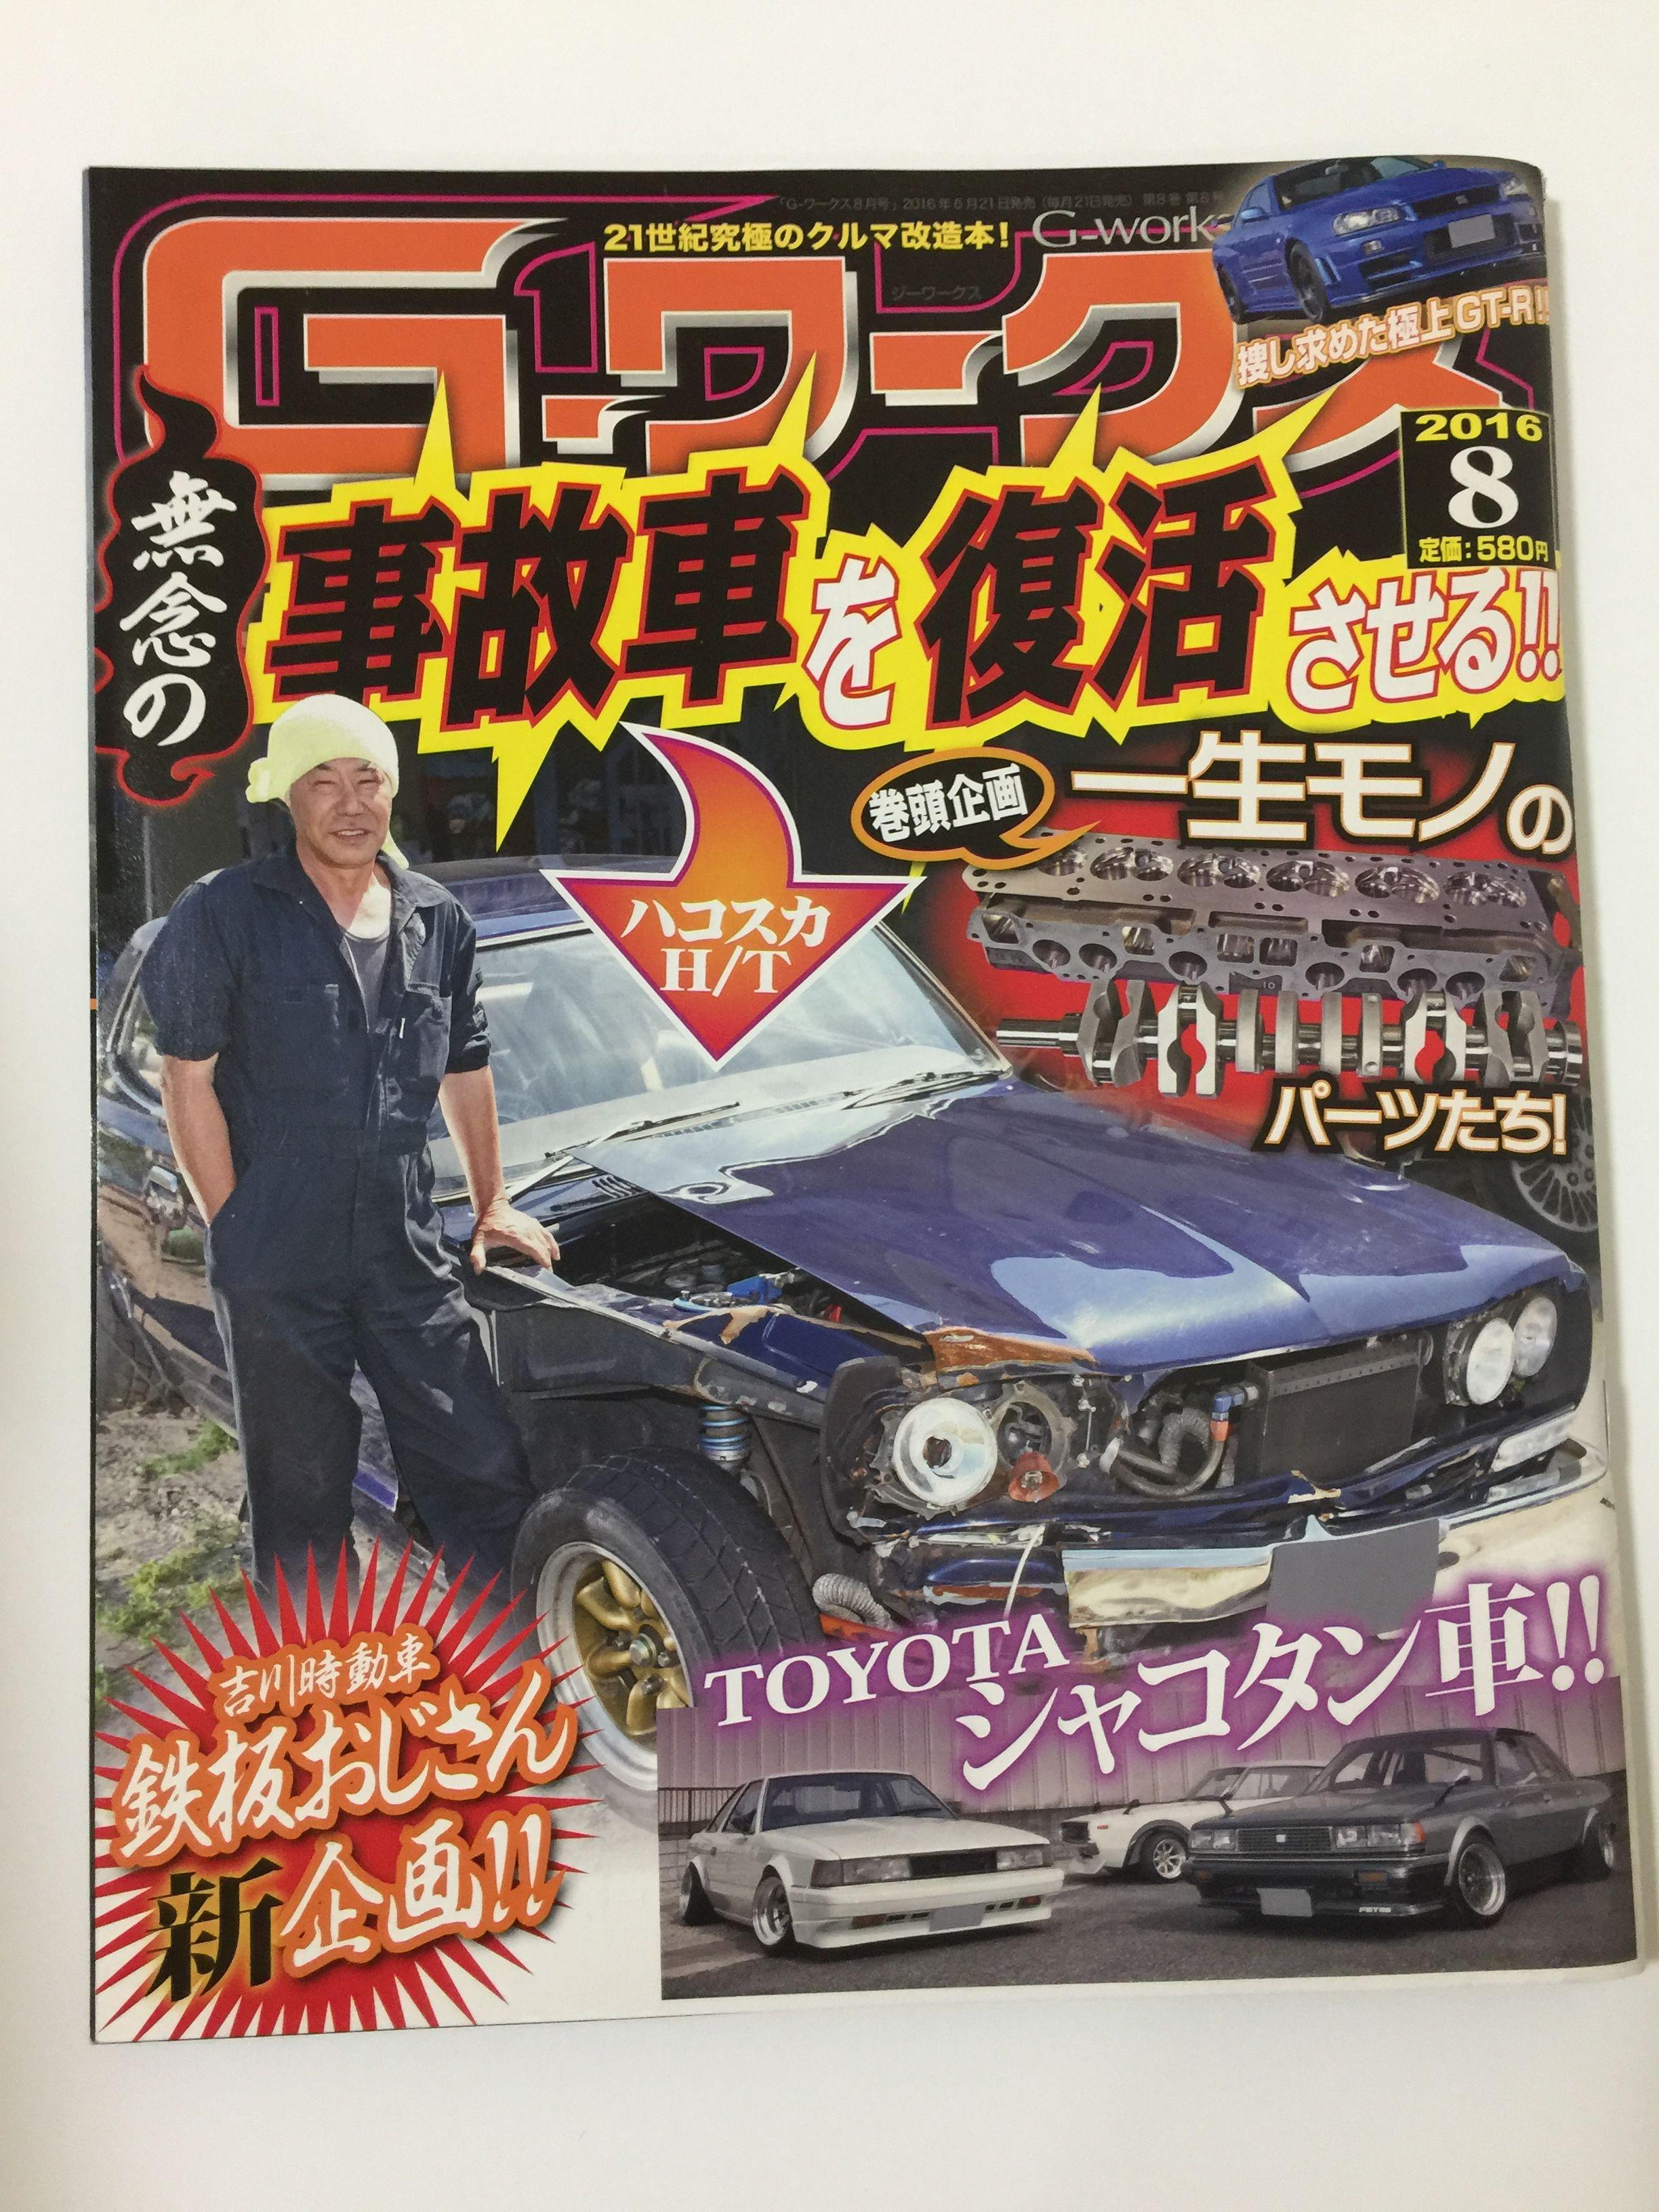 G-works Magazine-Classic/Nostalgic Japanese Cars-JDM-Japan ...